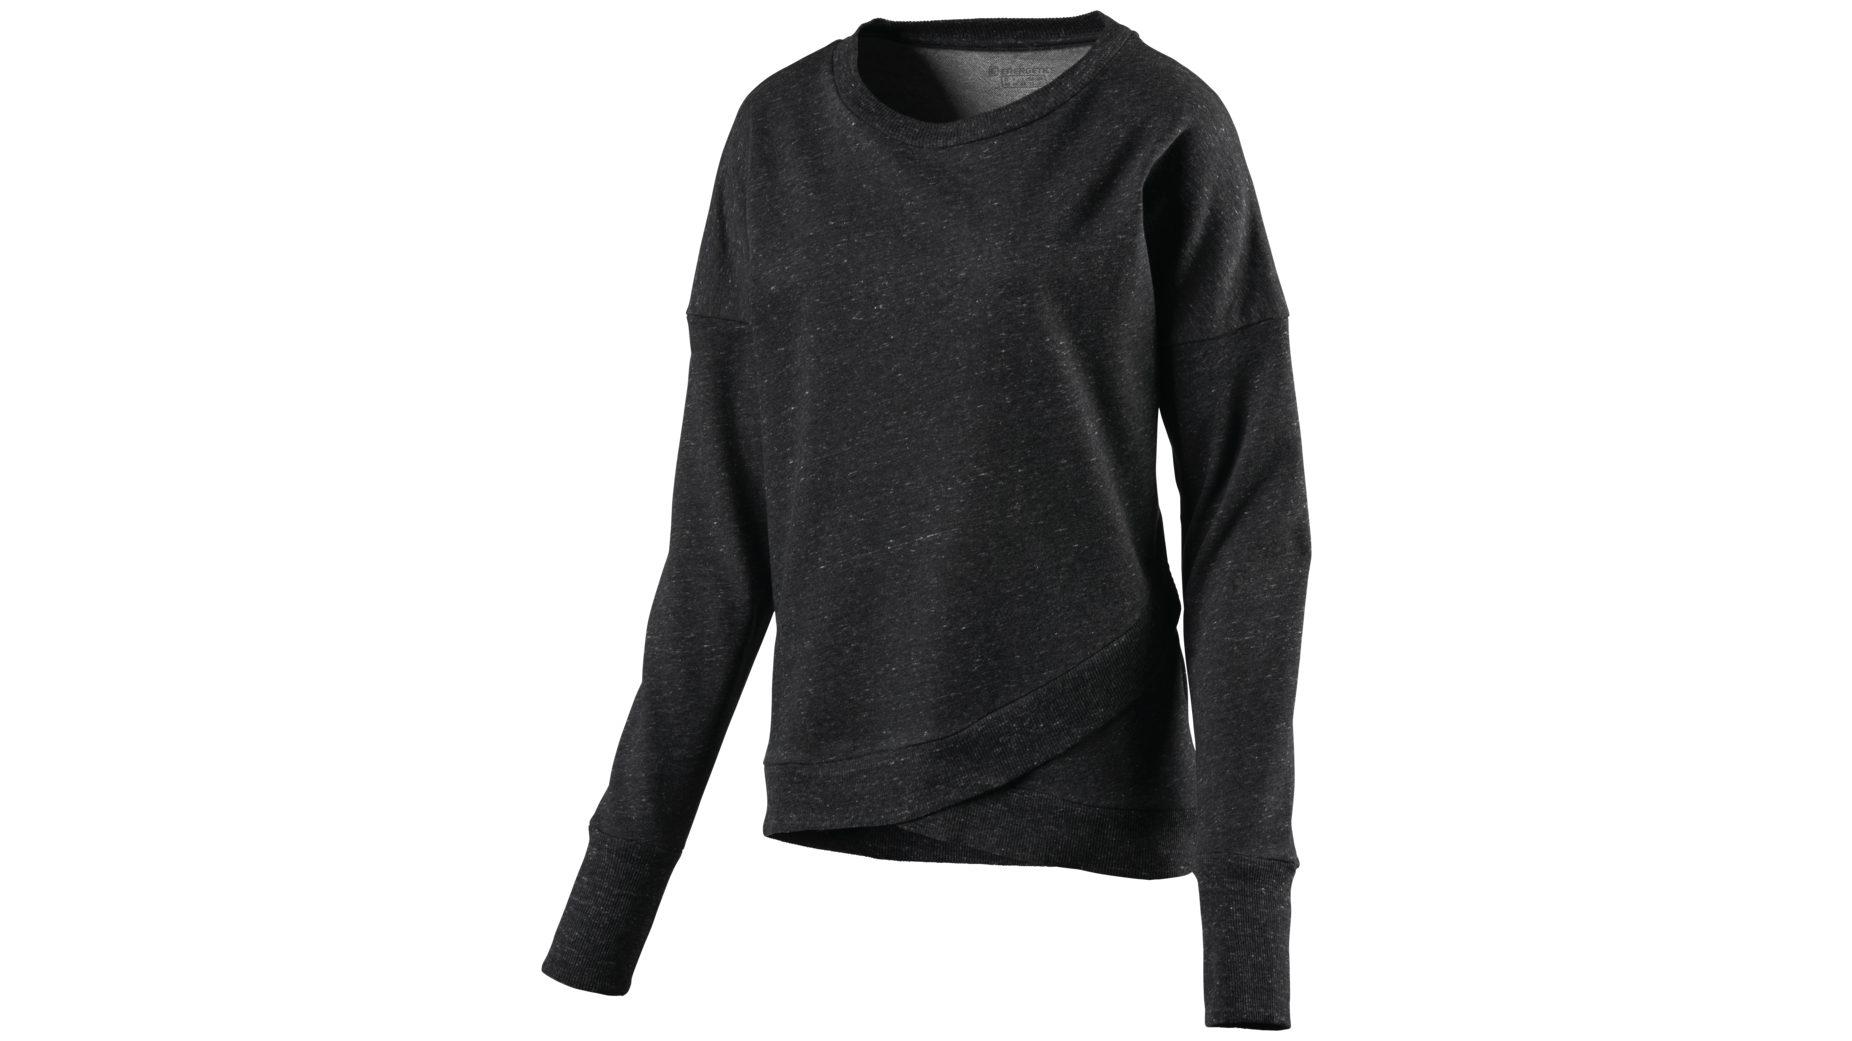 Damen Sweatshirt Damen Longsleeve Ciruna